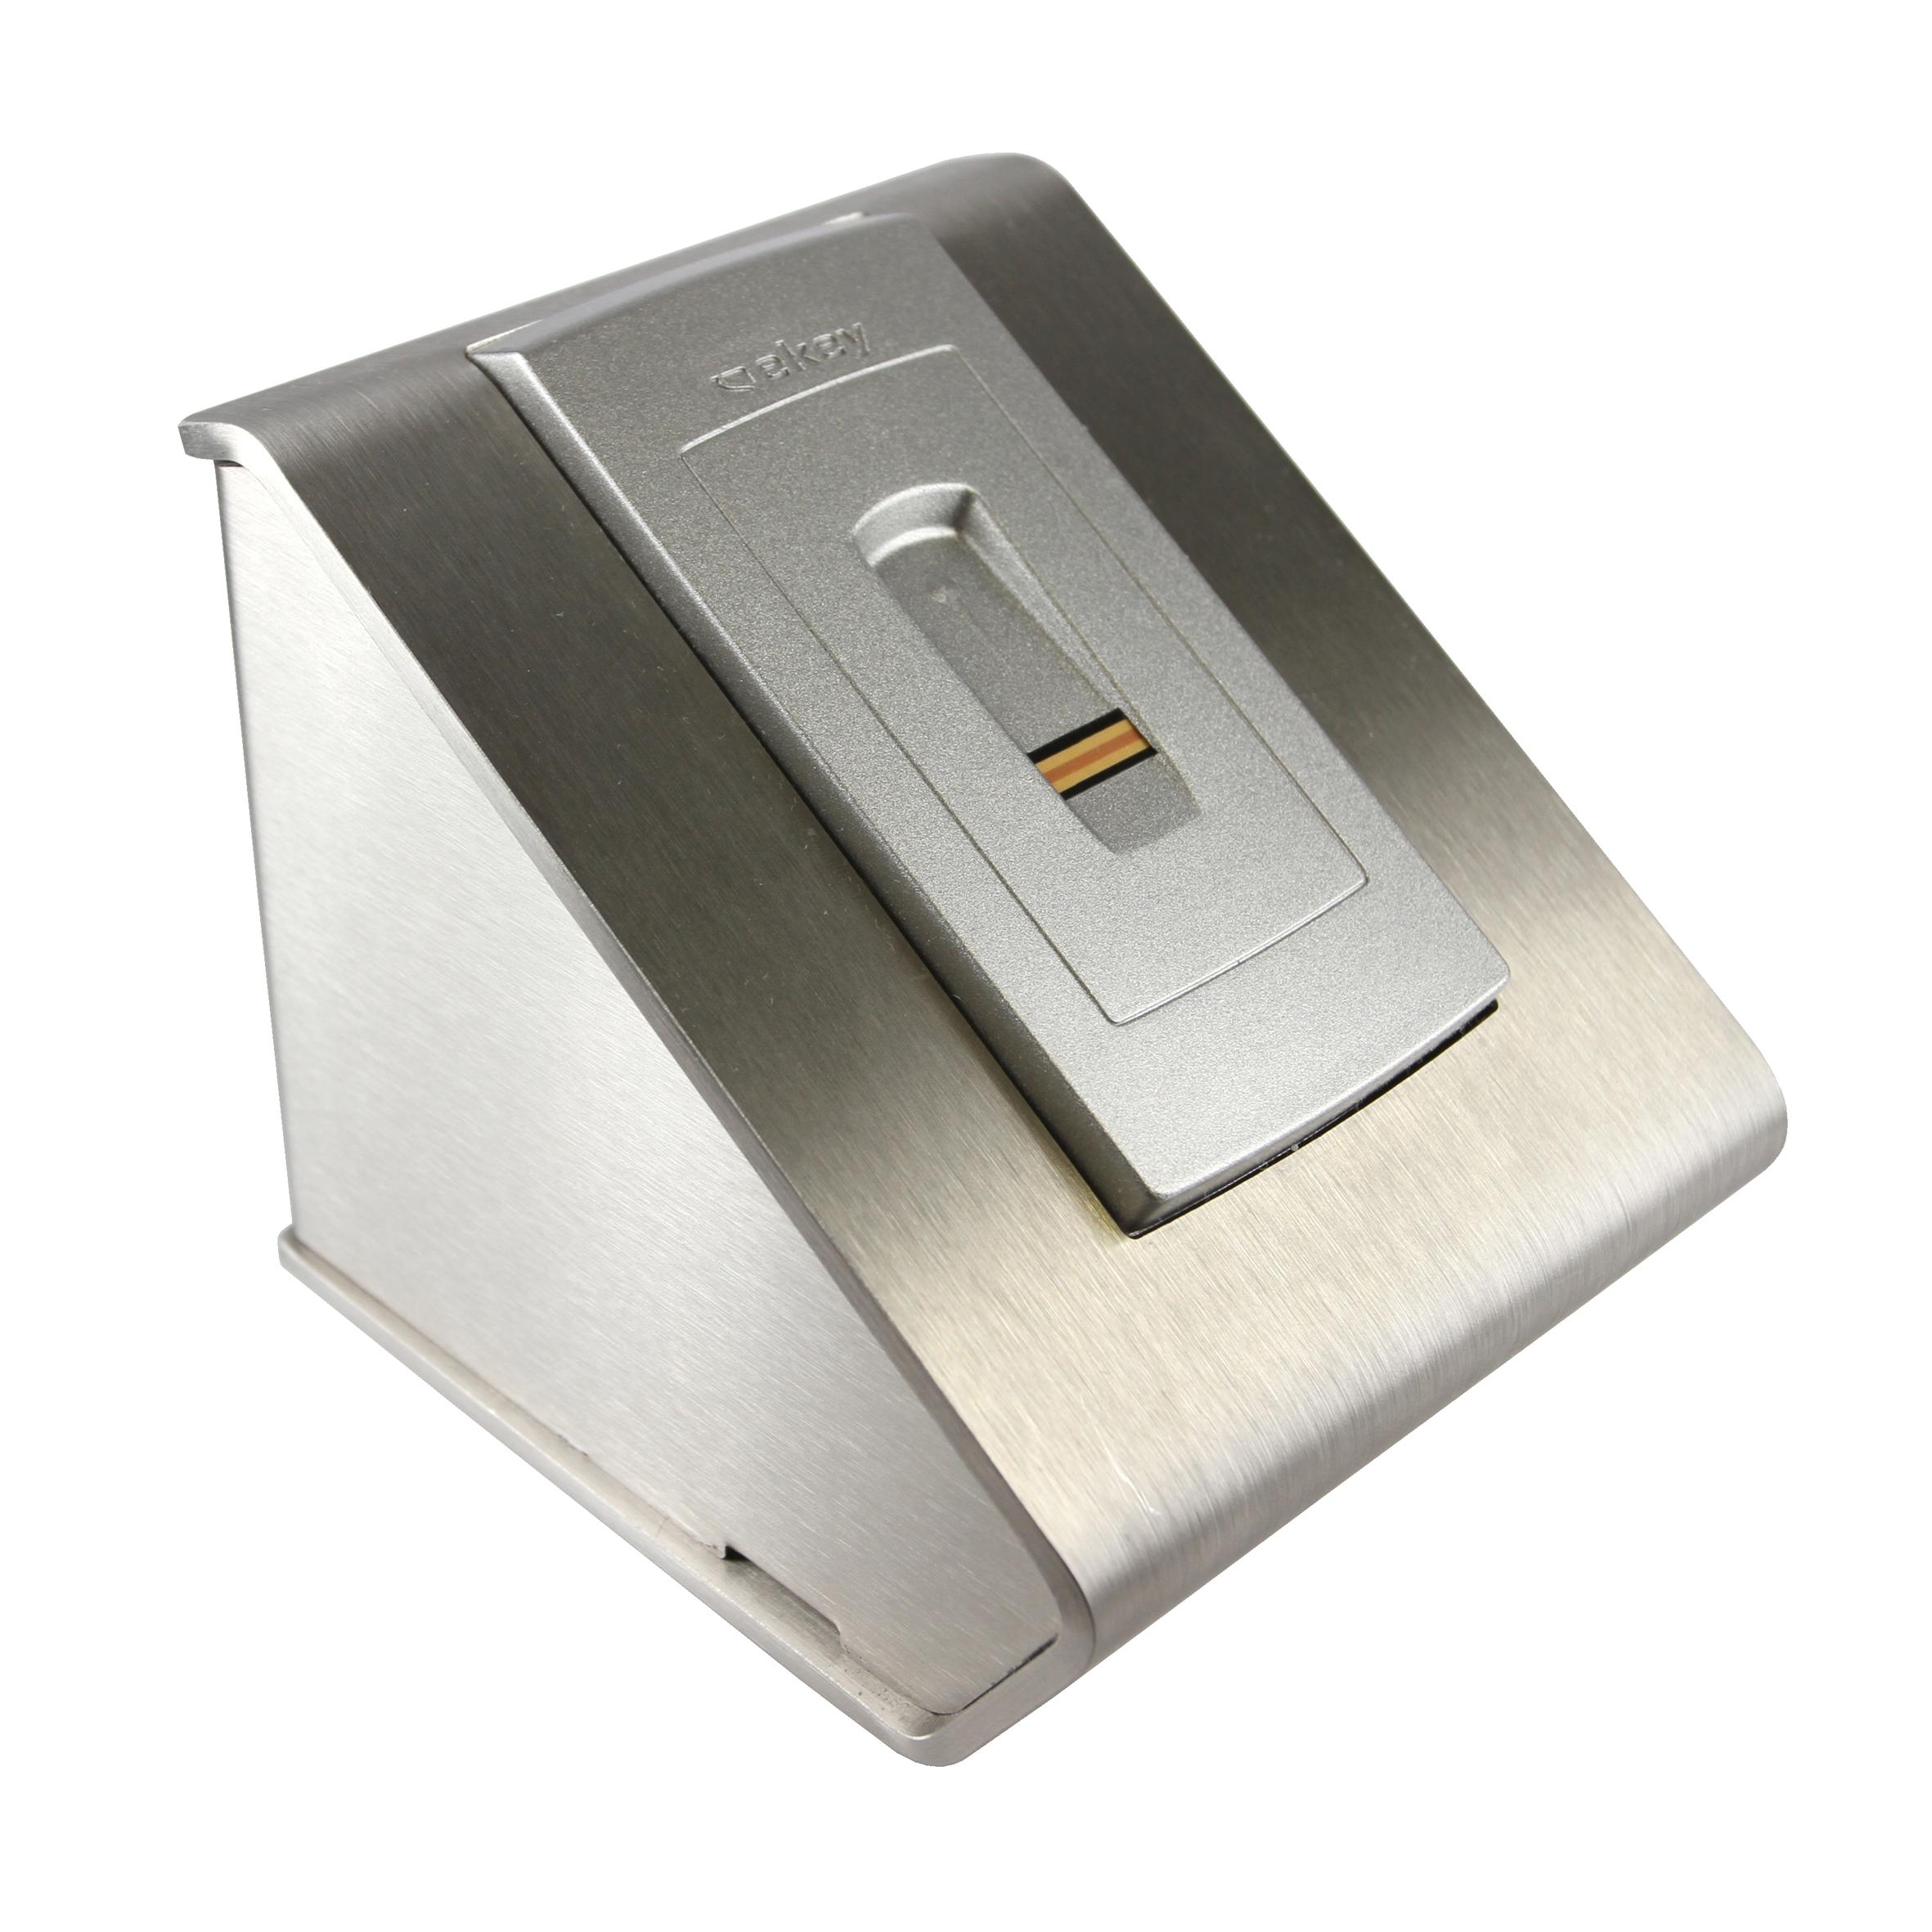 1 Stk Edelstahl Adapter für Fingerscanner Aufputz 2.0 EK101418--